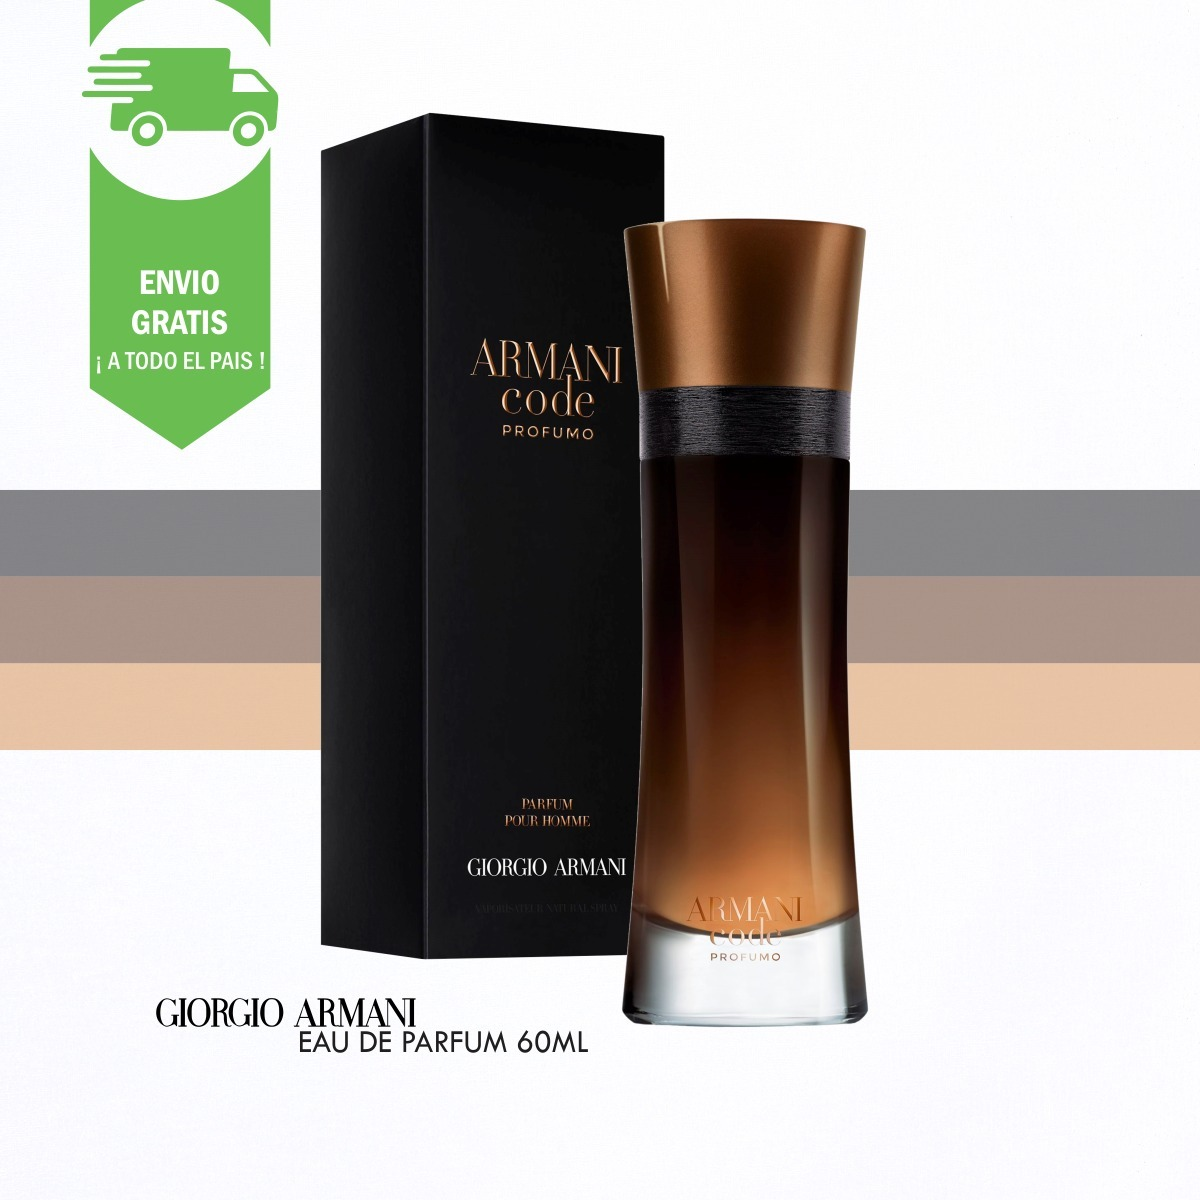 00 299 »» Code Armani 60ml Oficial Profumo Tester Perfume ««2 uOZikPXT